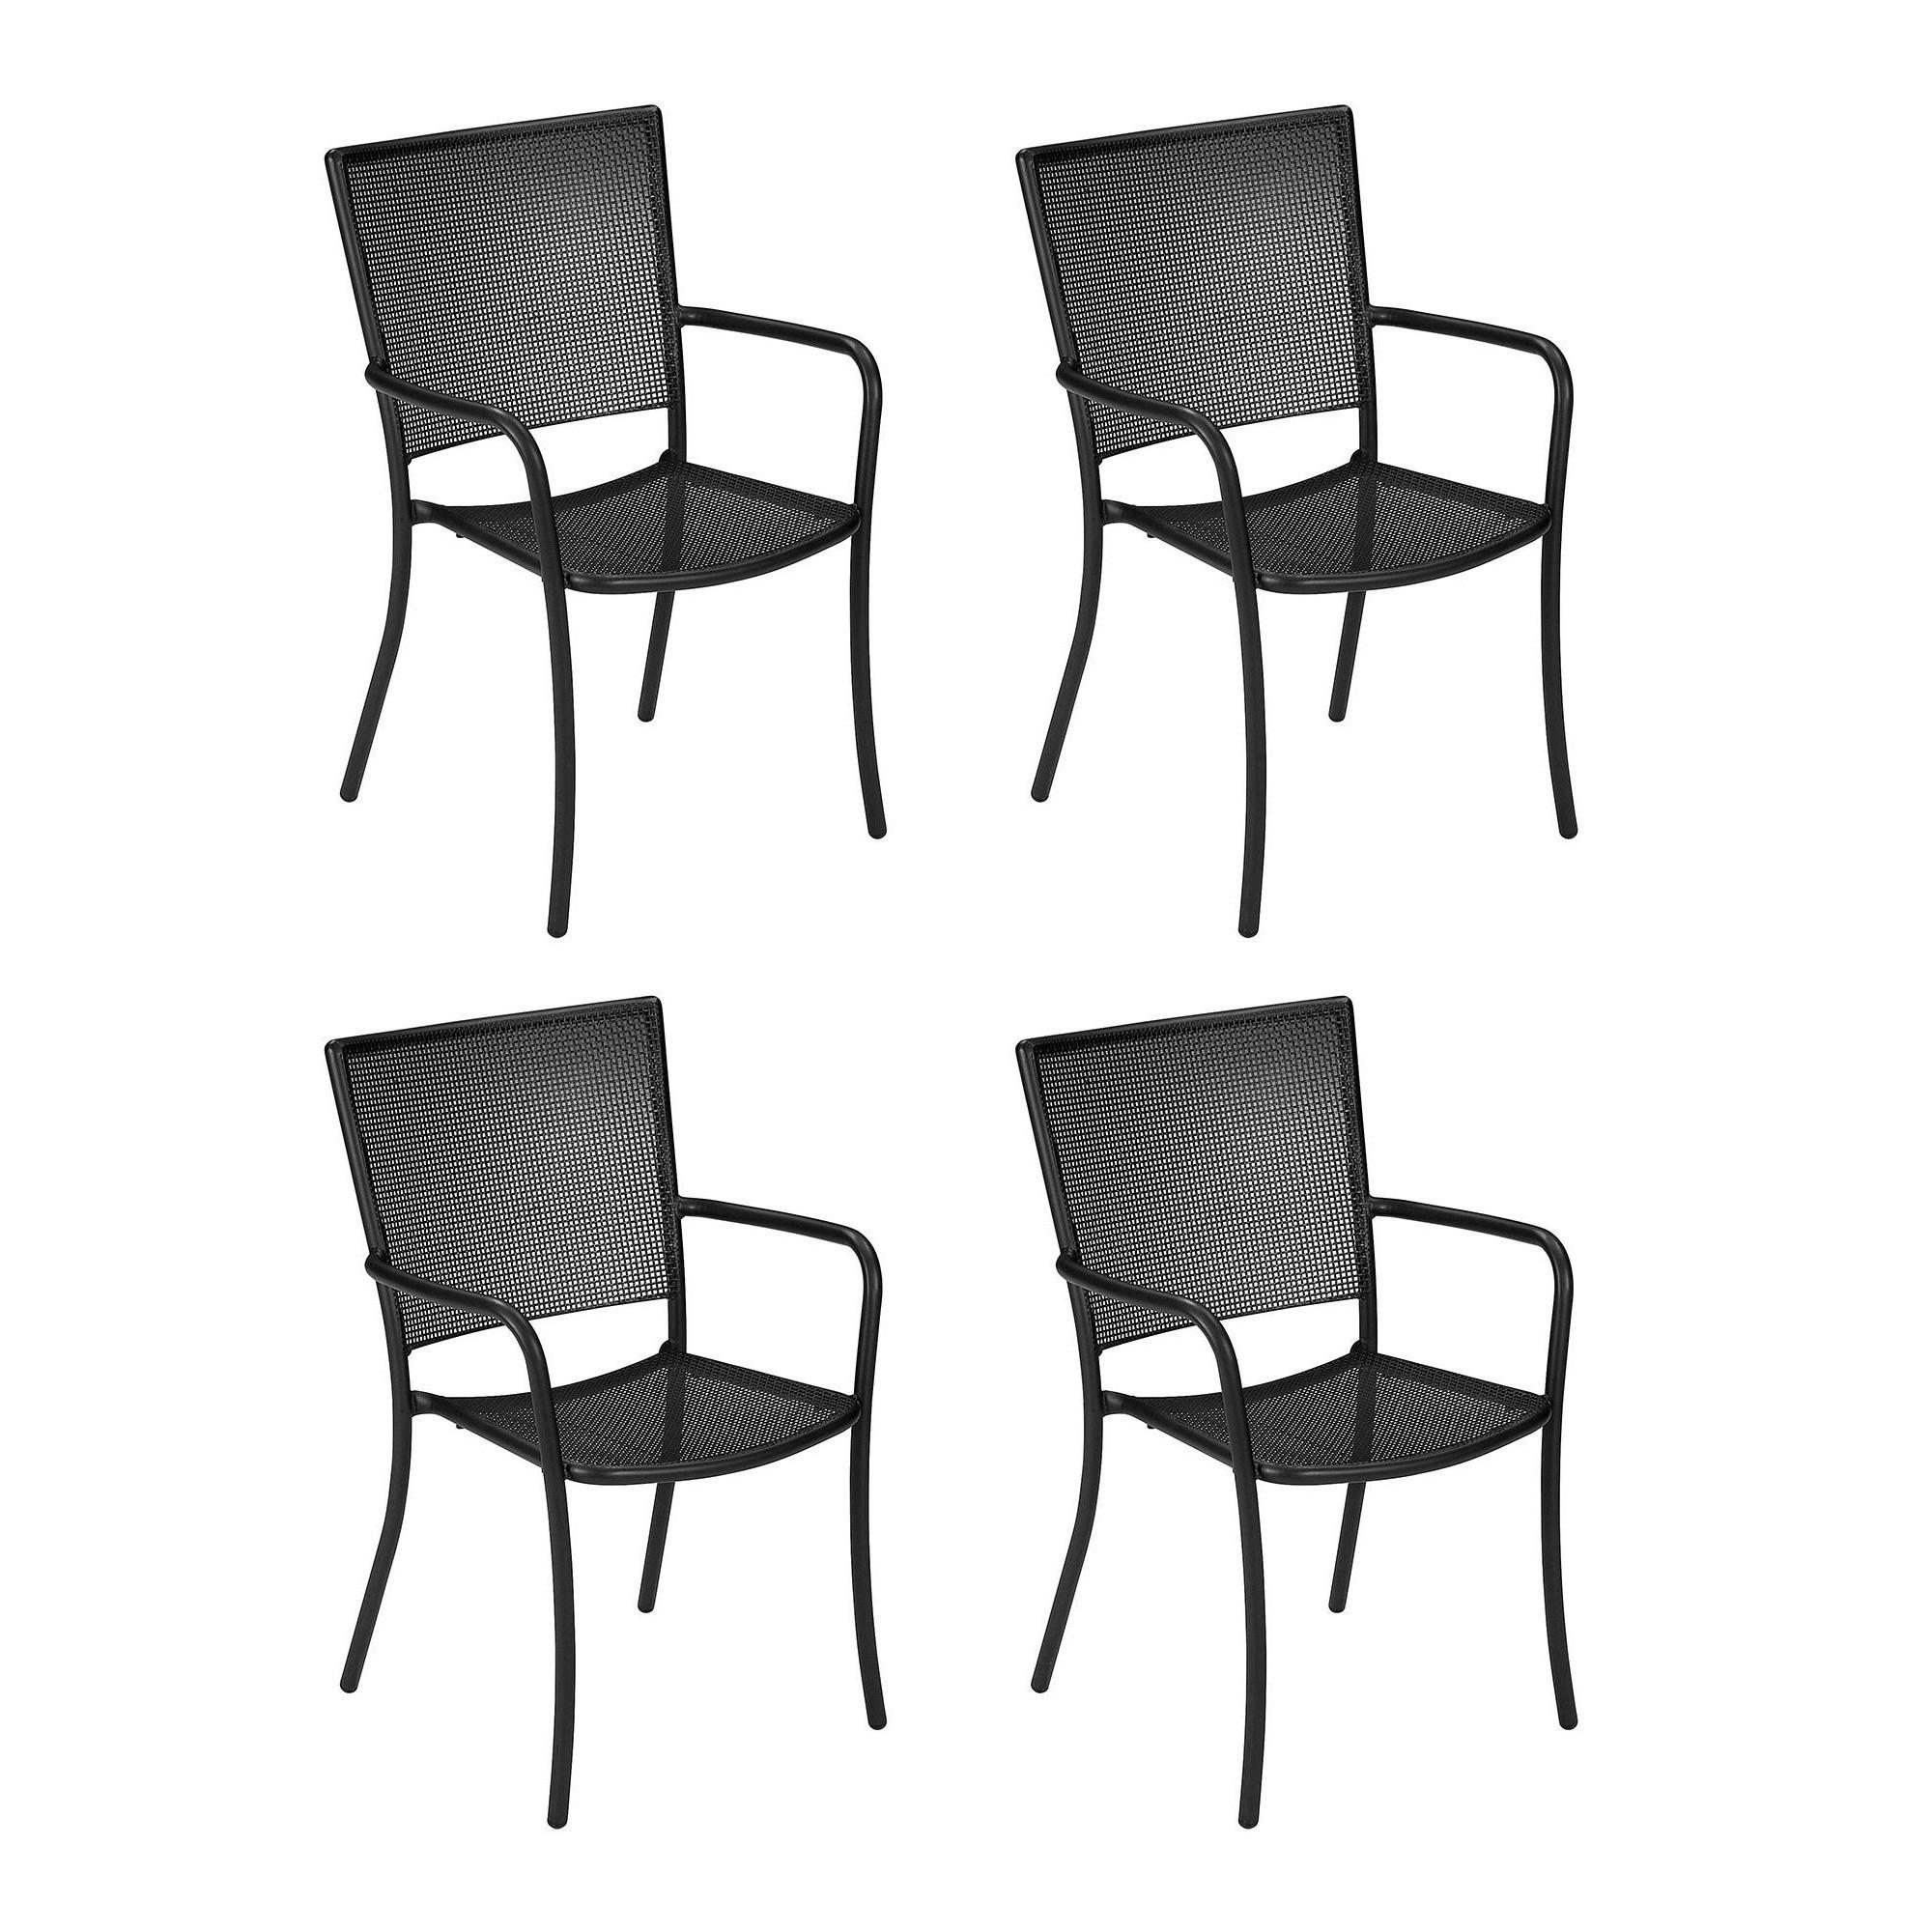 Outstanding Athena Garden Armchair Set Of 4 Creativecarmelina Interior Chair Design Creativecarmelinacom